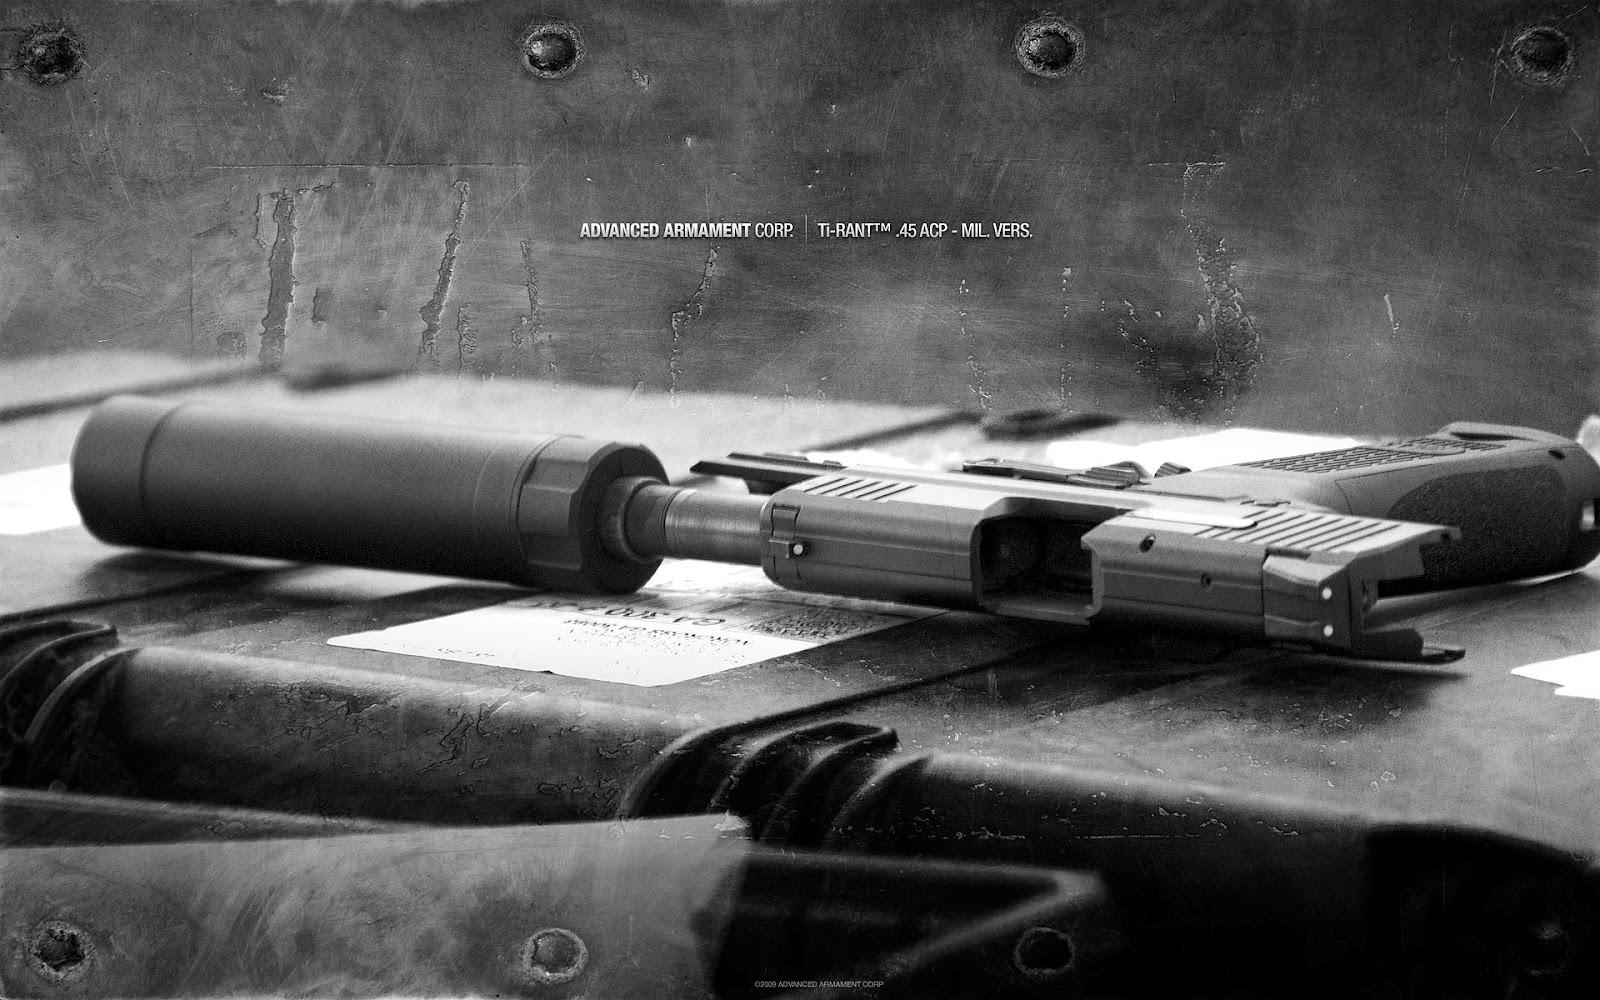 пистолет с глушителем, обои для рабочего стола, скачать фото, hand gun wallpaper